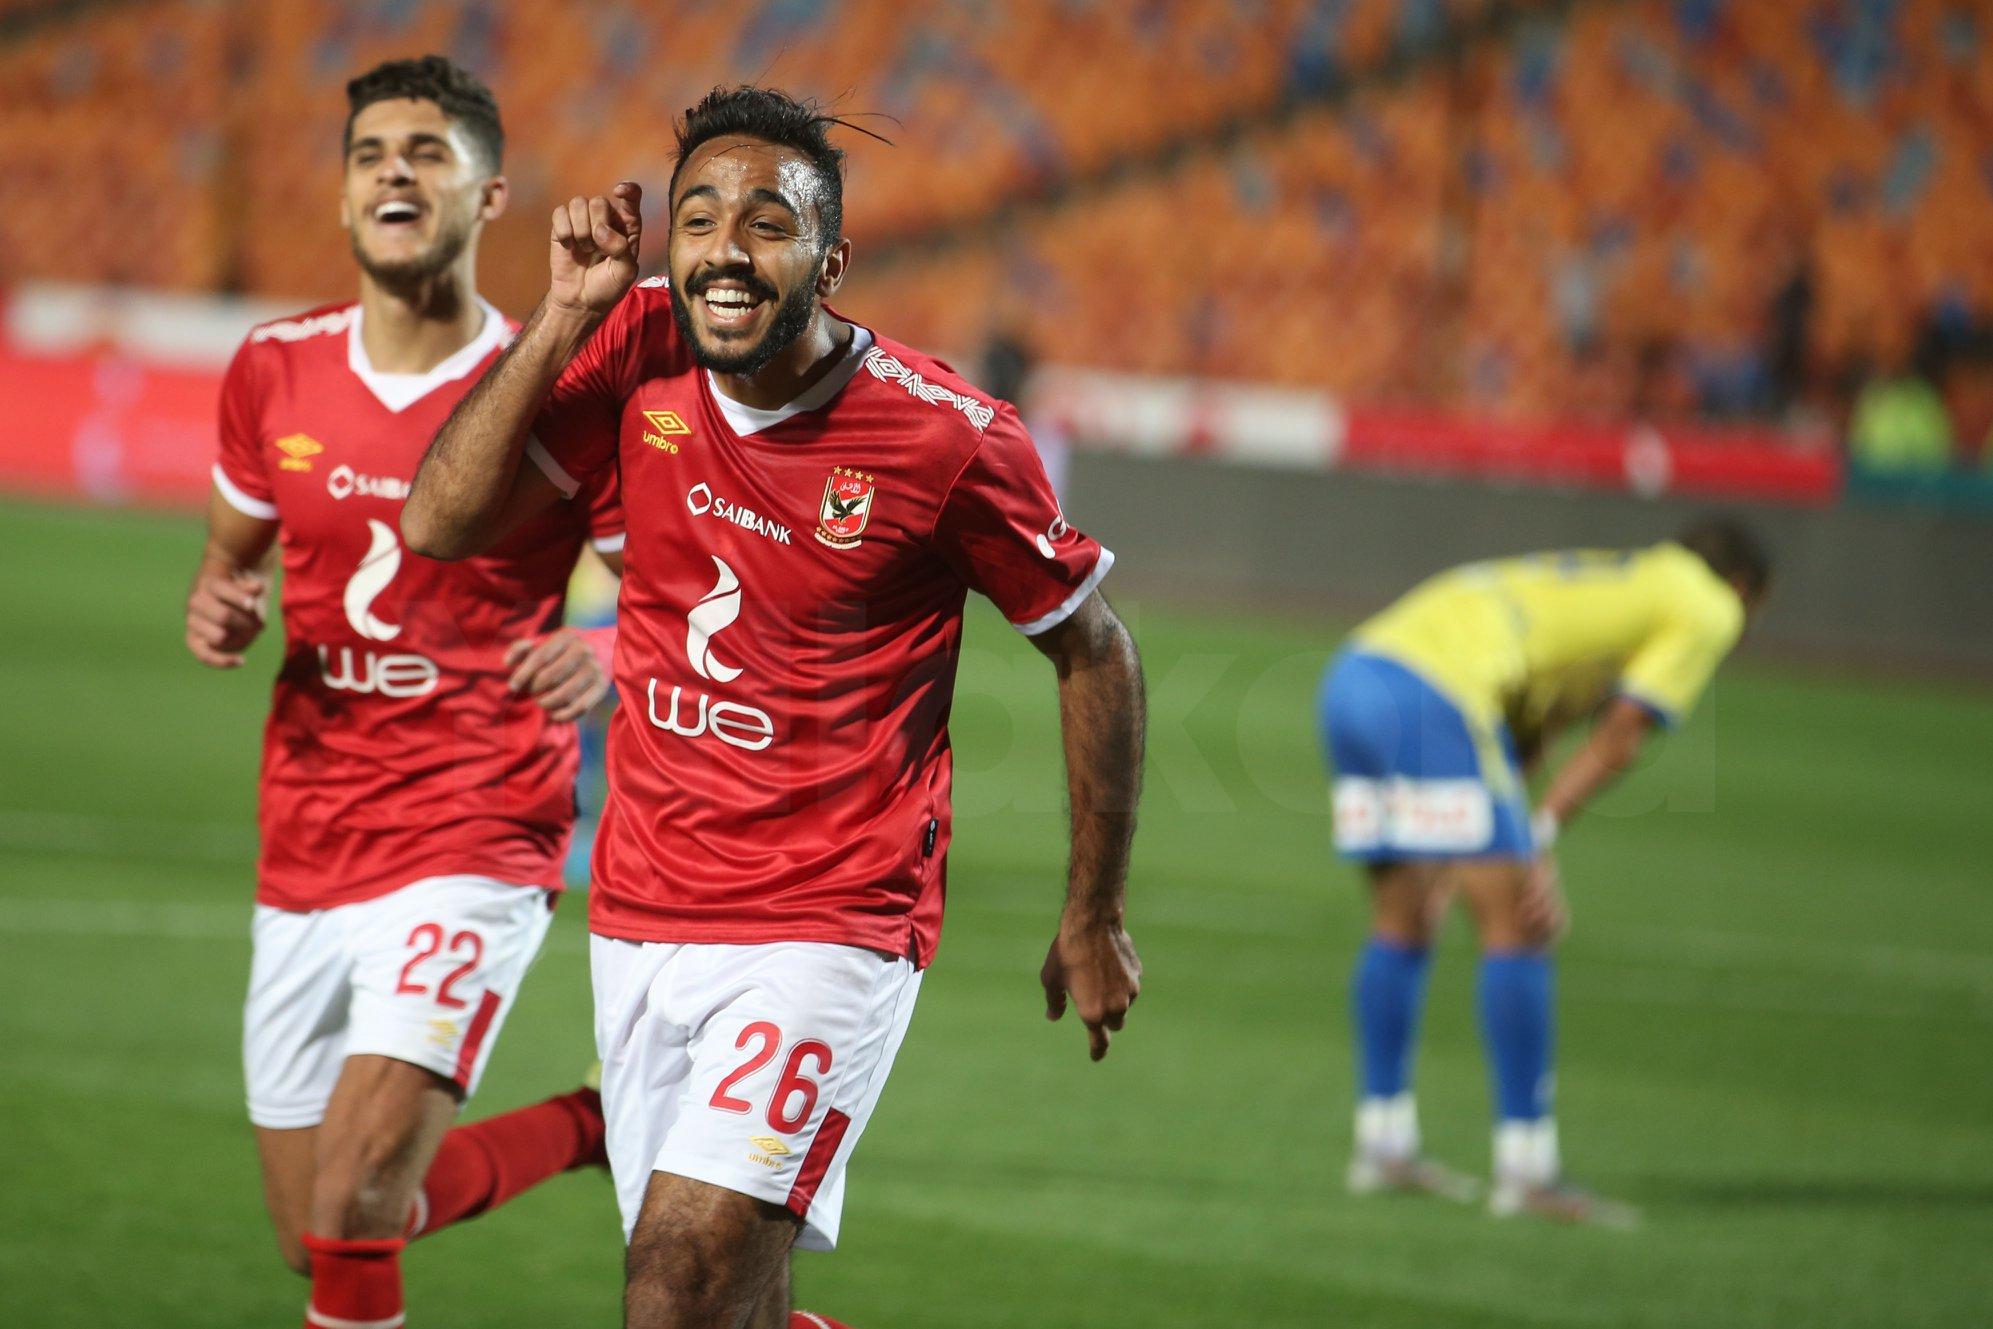 محمود كهربا في مباراة الأمس